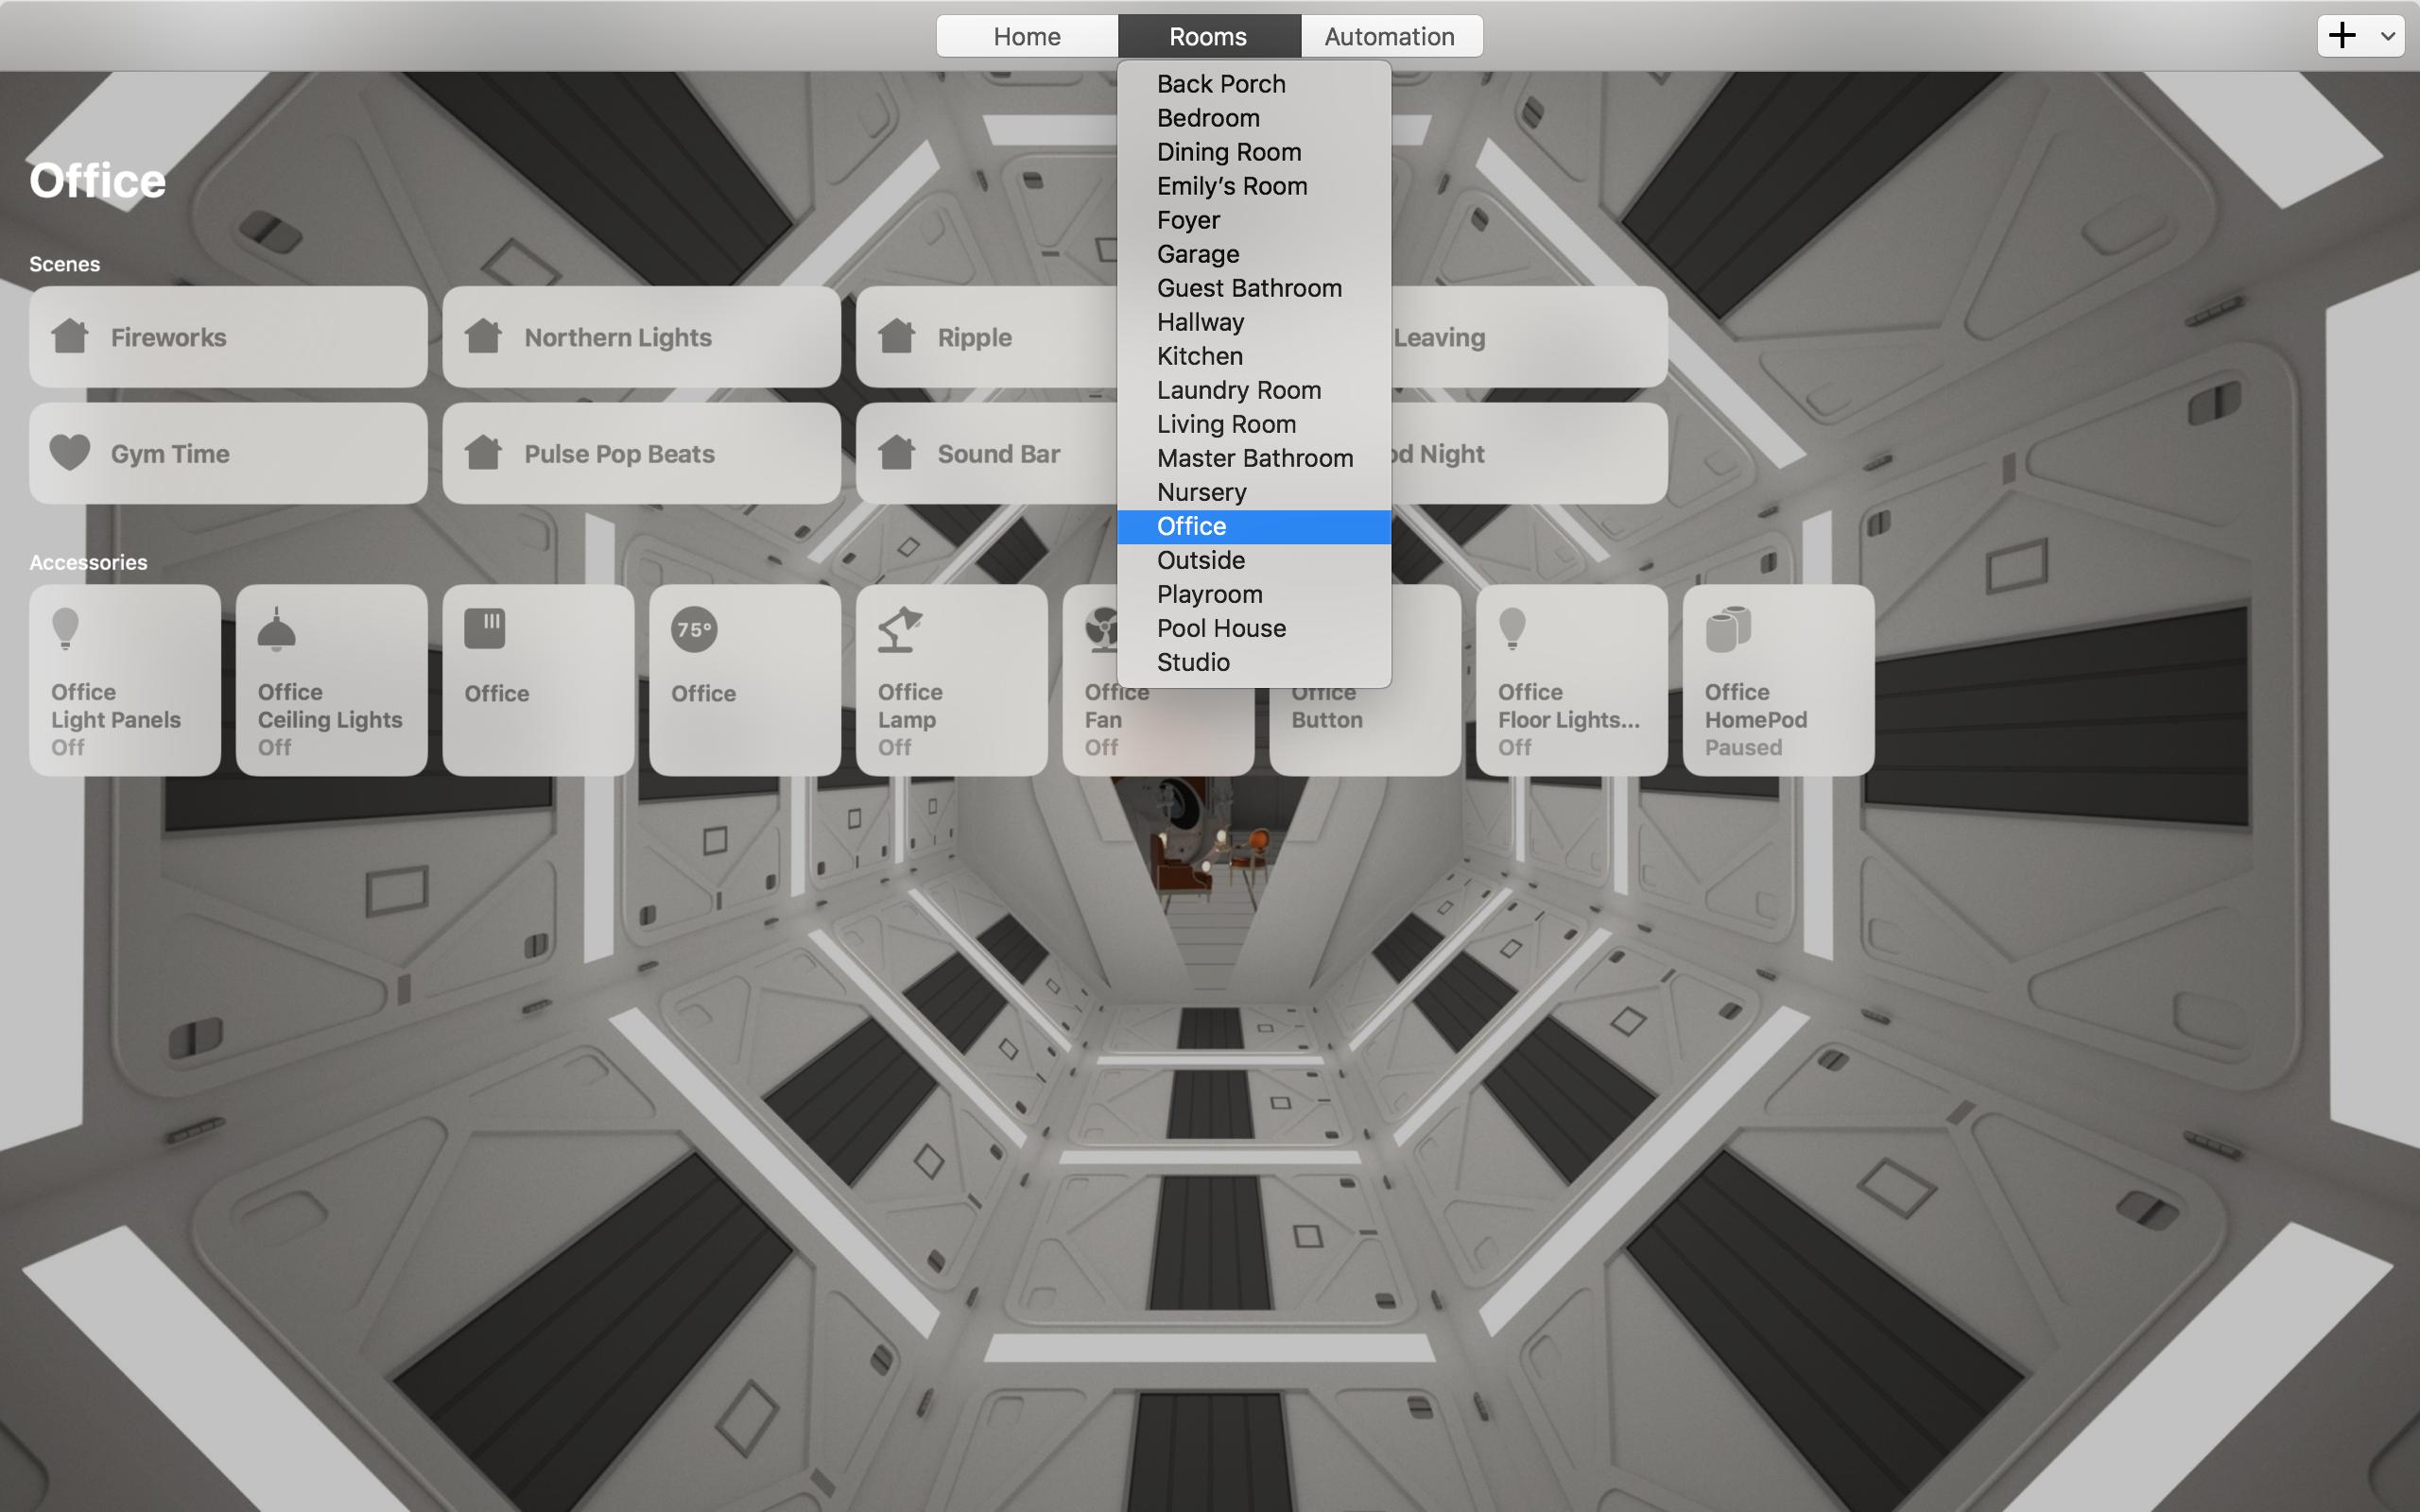 HomeKit Weekly: Home app debuts on Mac in macOS Mojave - 9to5Mac